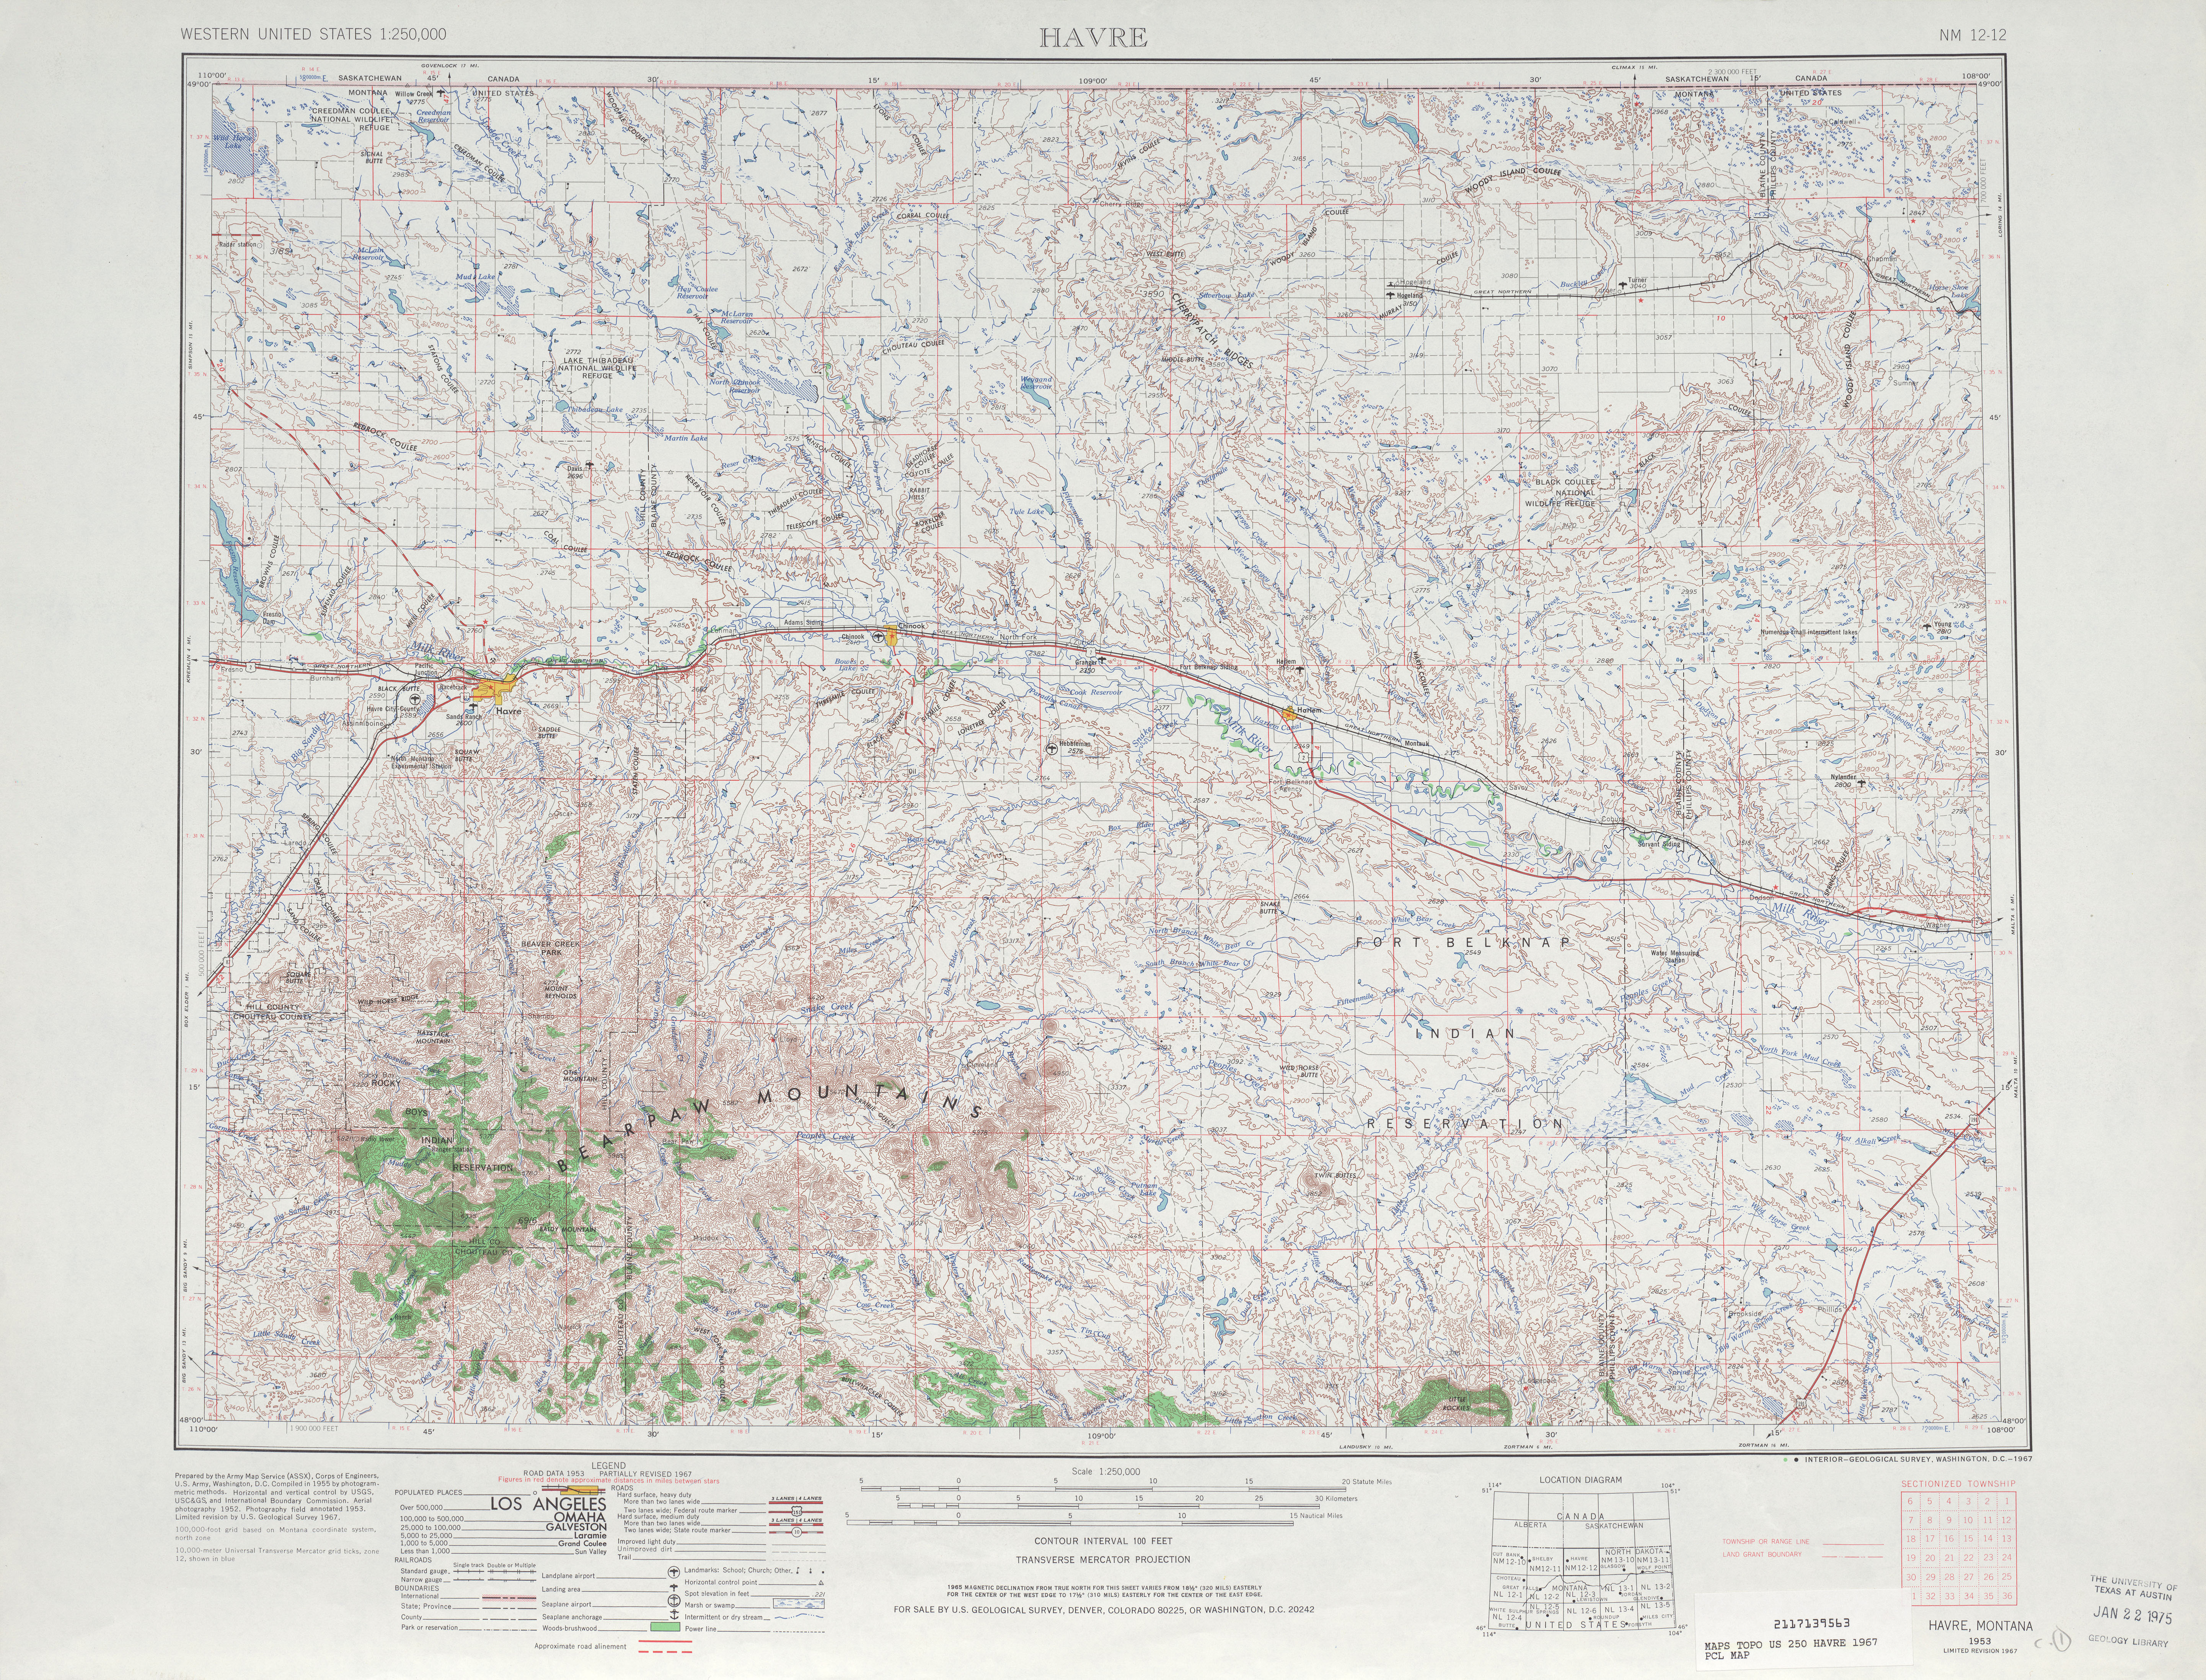 Hoja Havre del Mapa Topográfico de los Estados Unidos 1967